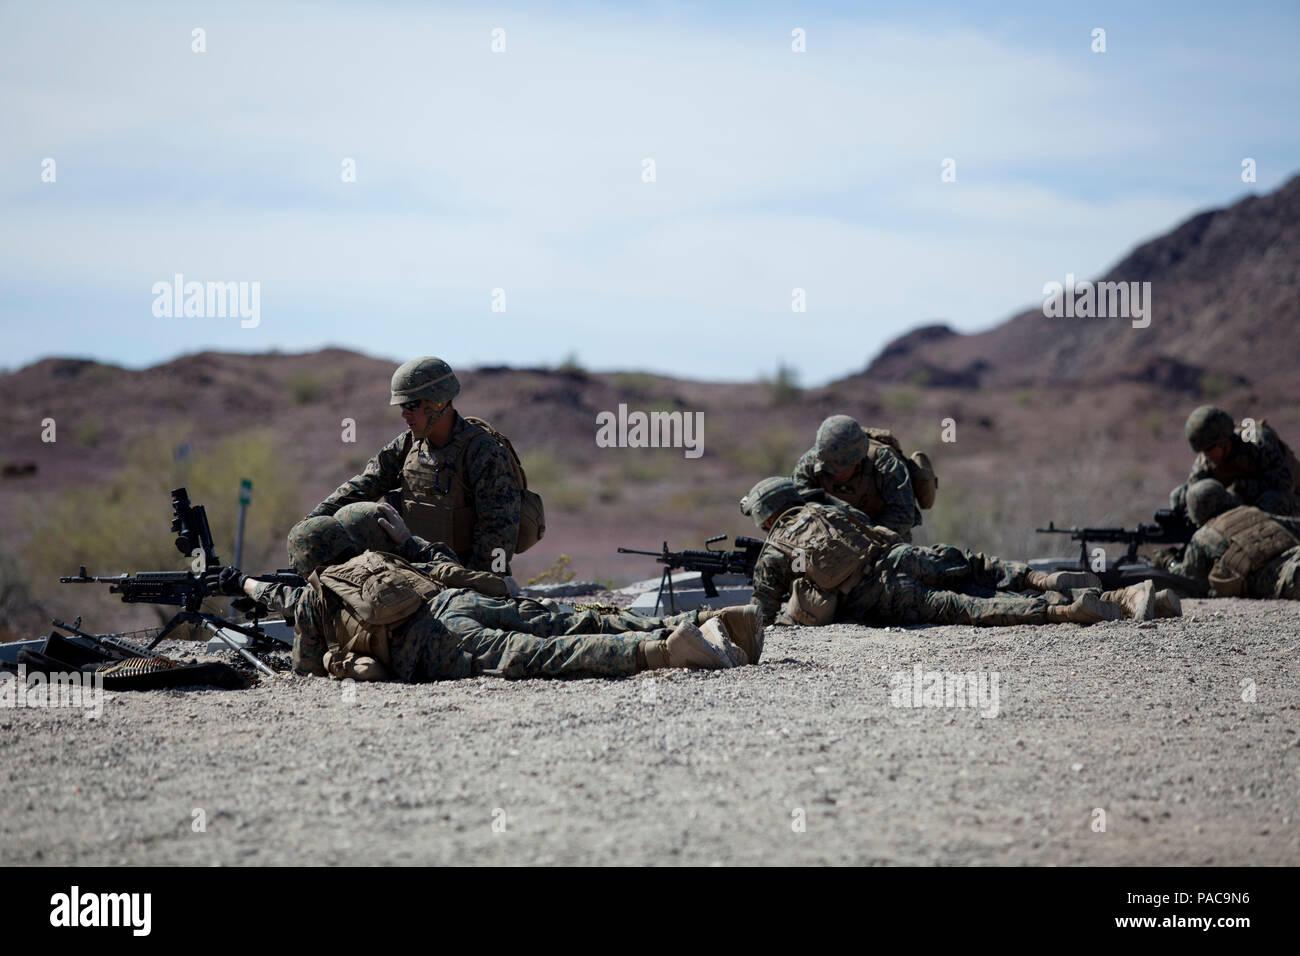 Les Marines américains, l'Escadron de soutien de l'aile Marine 371 (MWSS-371), un incendie Marines M240B machine gun à Yuma (Arizona), le 10 mars 2016. MWSS-371 organise chaque année un exercice sur le terrain pour préparer les Marines de futurs déploiements. (U.S. Marine Corps photo par Lance Cpl. AaronJames B. lié/ publié) Banque D'Images